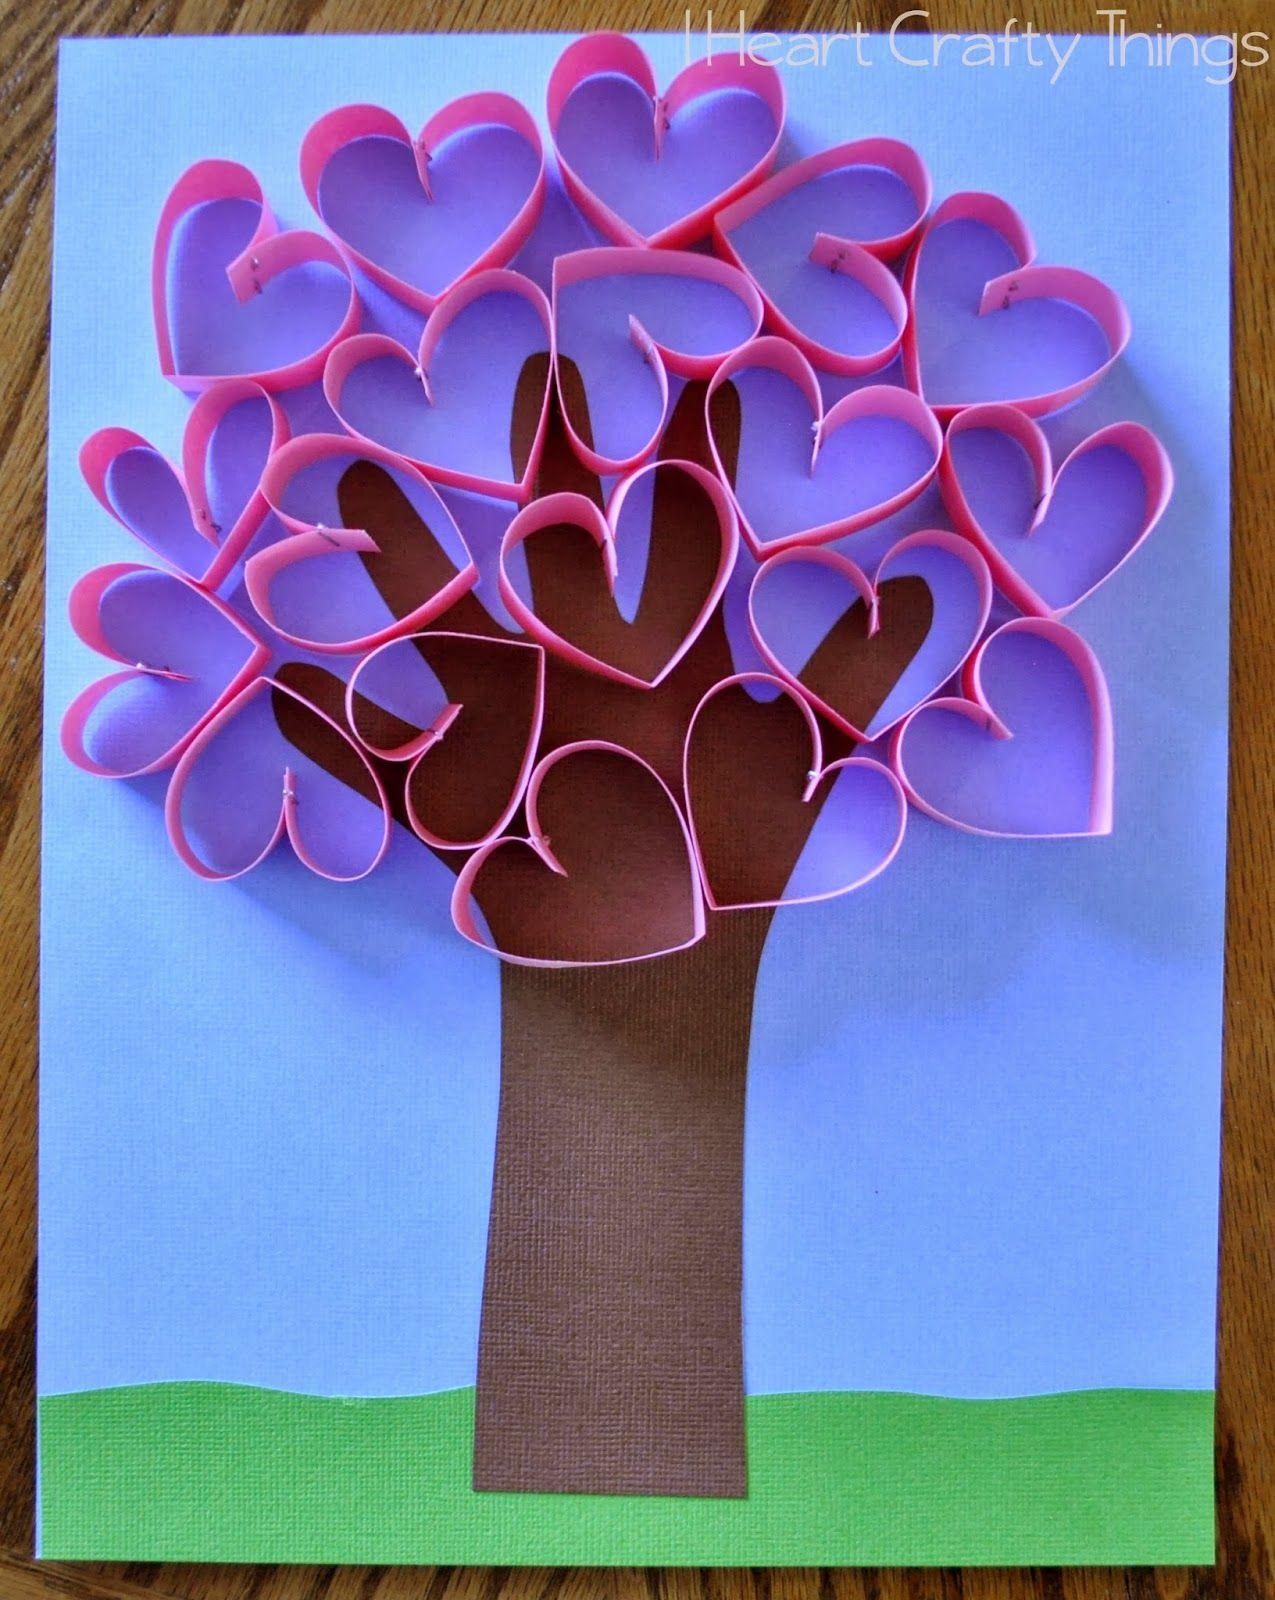 I HEART CRAFTY THINGS: Handprint Heart Tree Craft